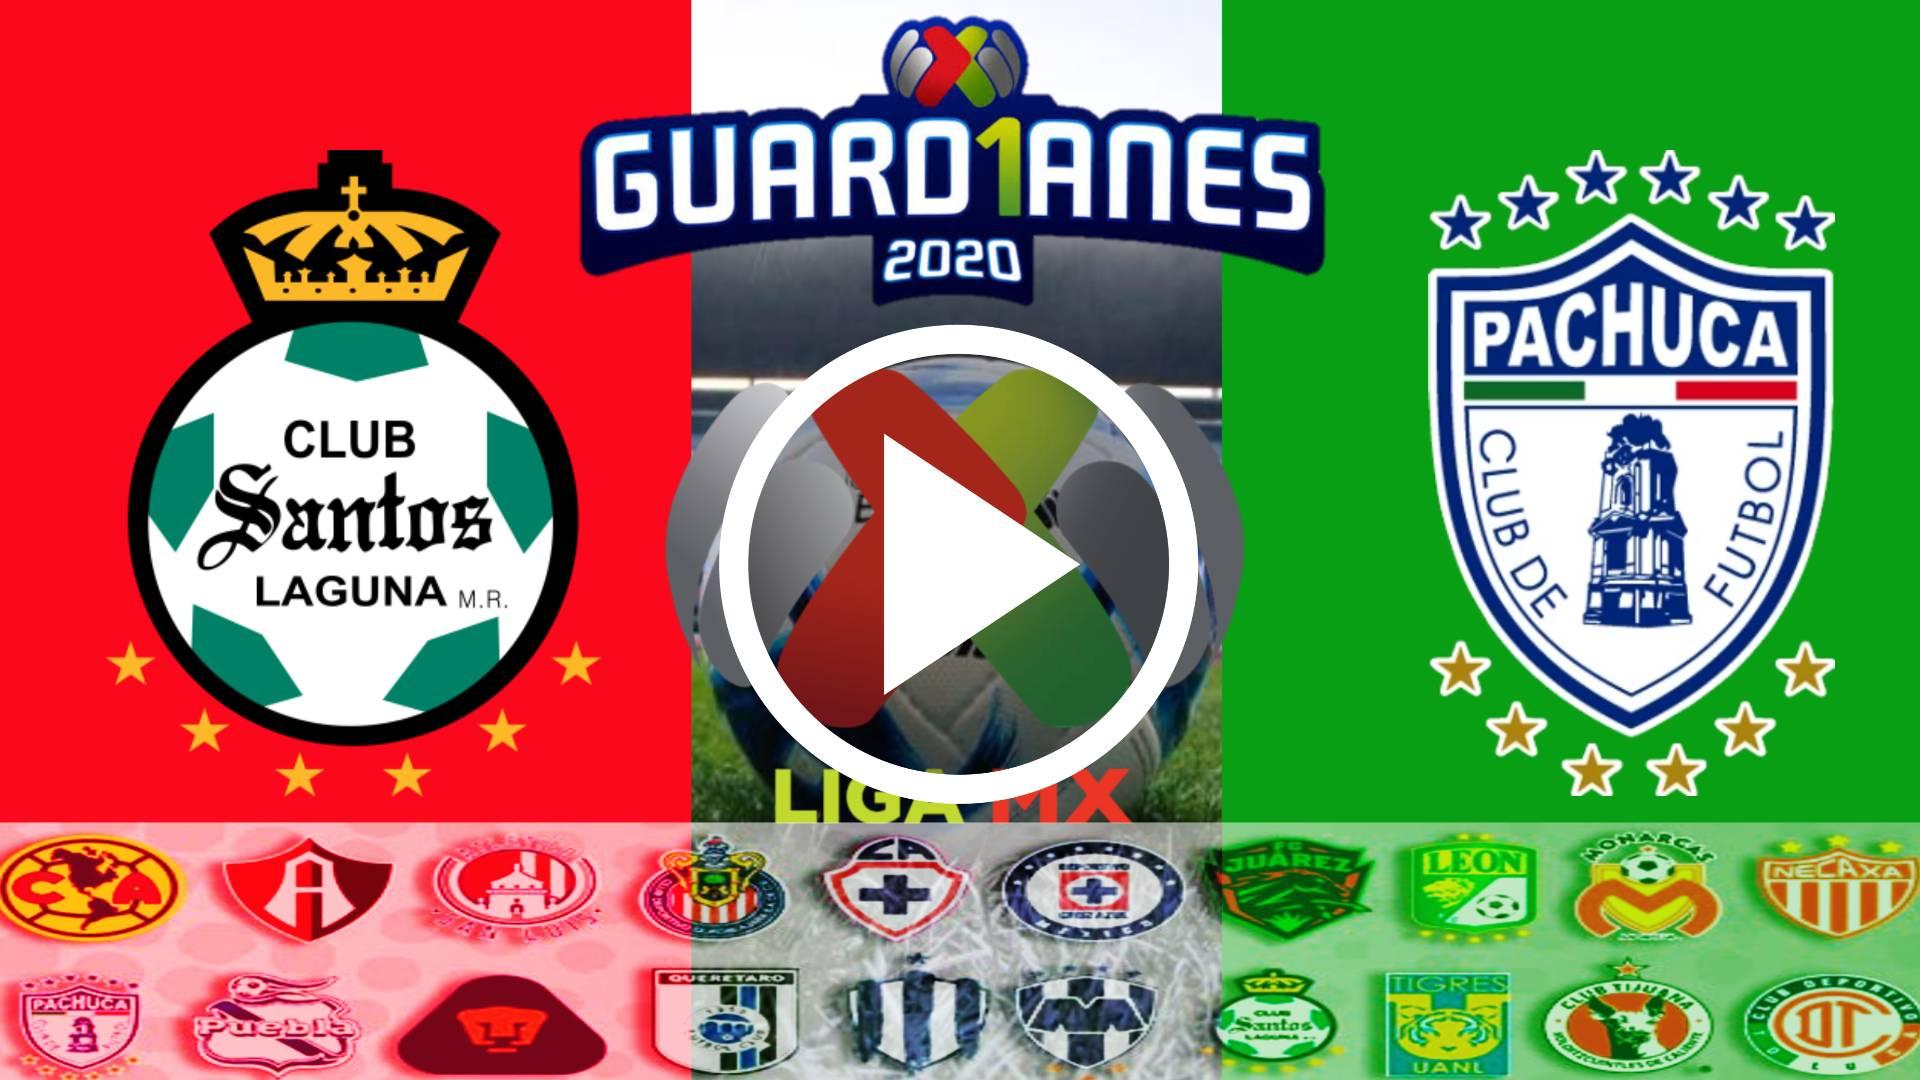 ESTE ES EL MEJOR SITIO PARA VER EN VIVO SANTOS VS PACHUCA GRATIS ONLINE Horario y dónde ver el partido de la Jornada 14 de Liga MX Apertura 2020